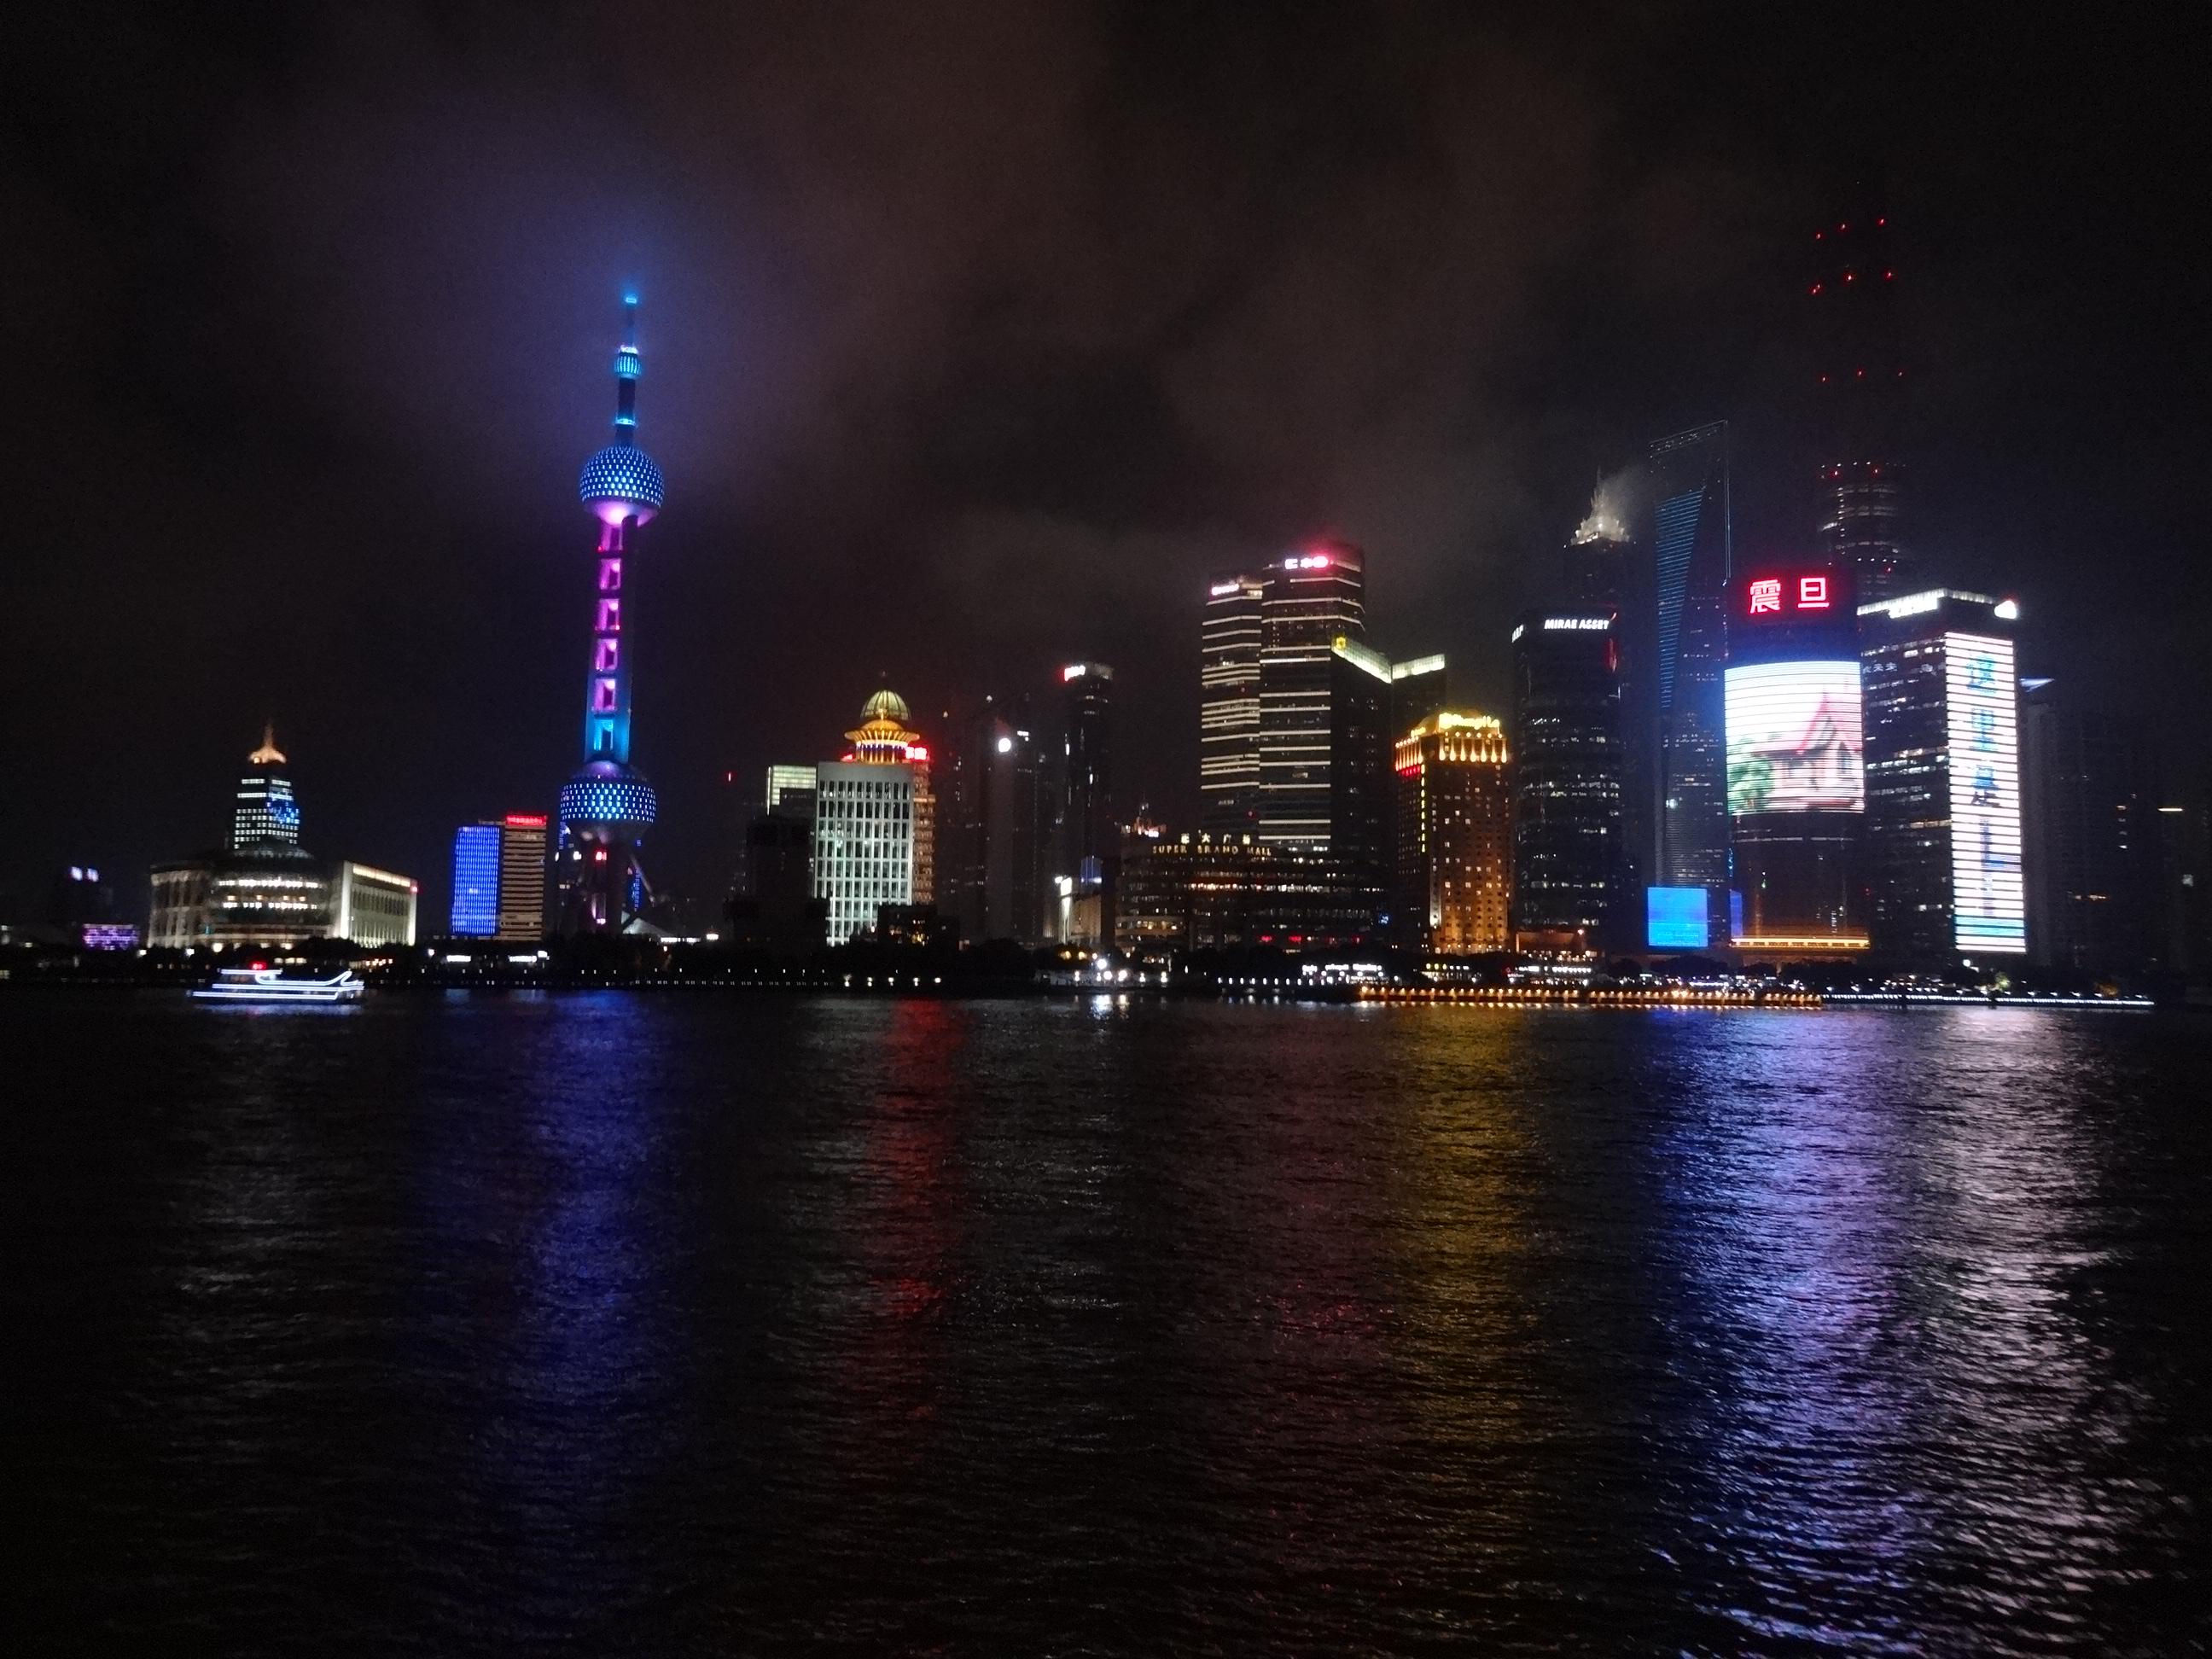 名実ともにメトロポリスとなった上海